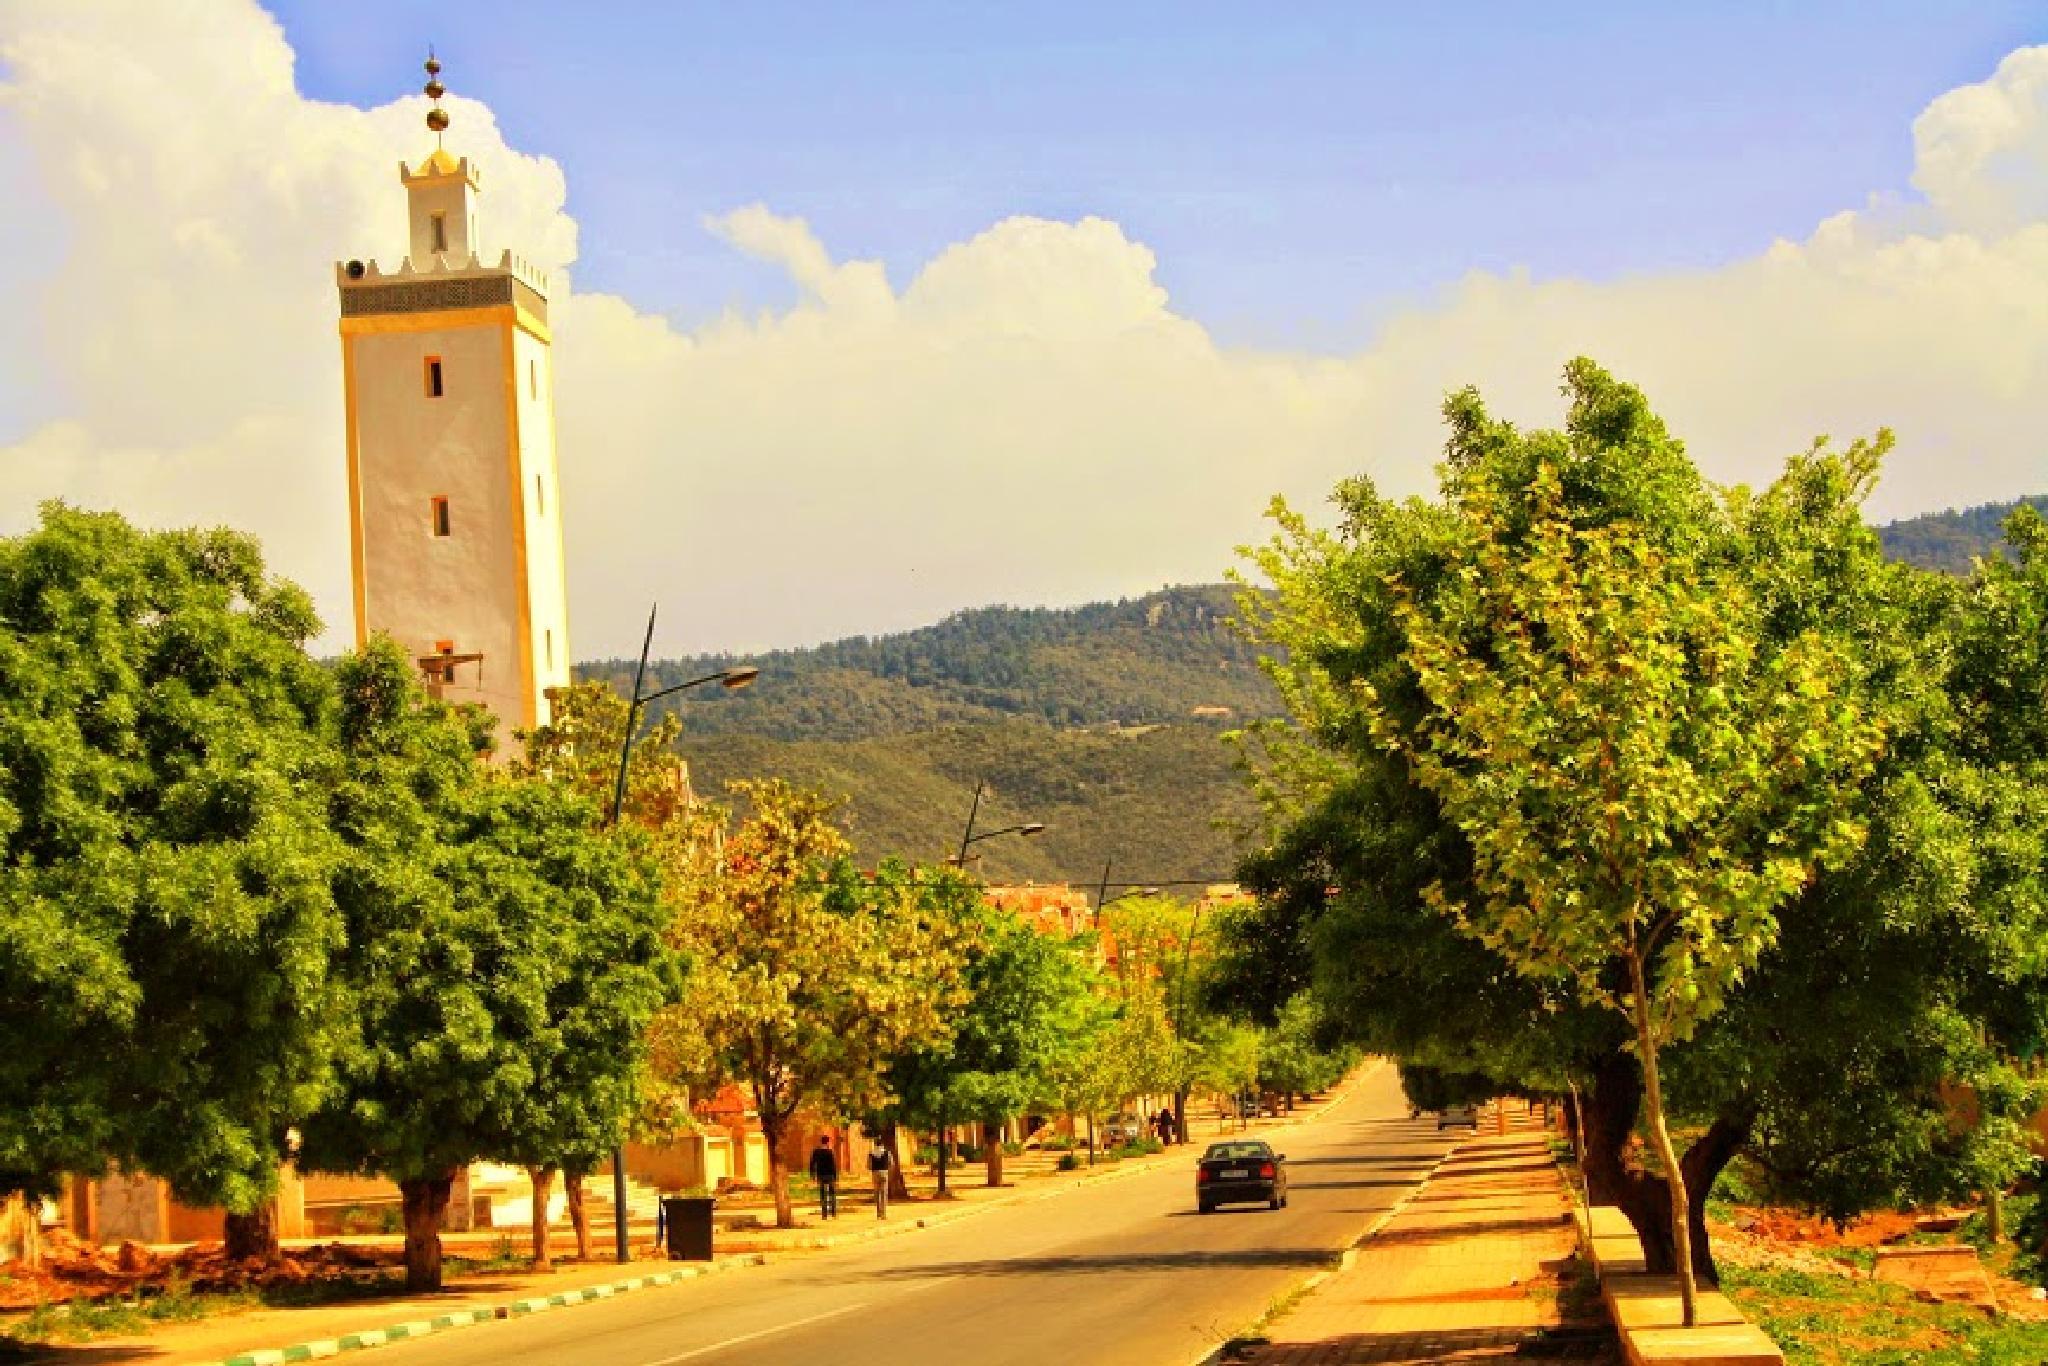 Ville d'Azrou by Hassane Monkachi